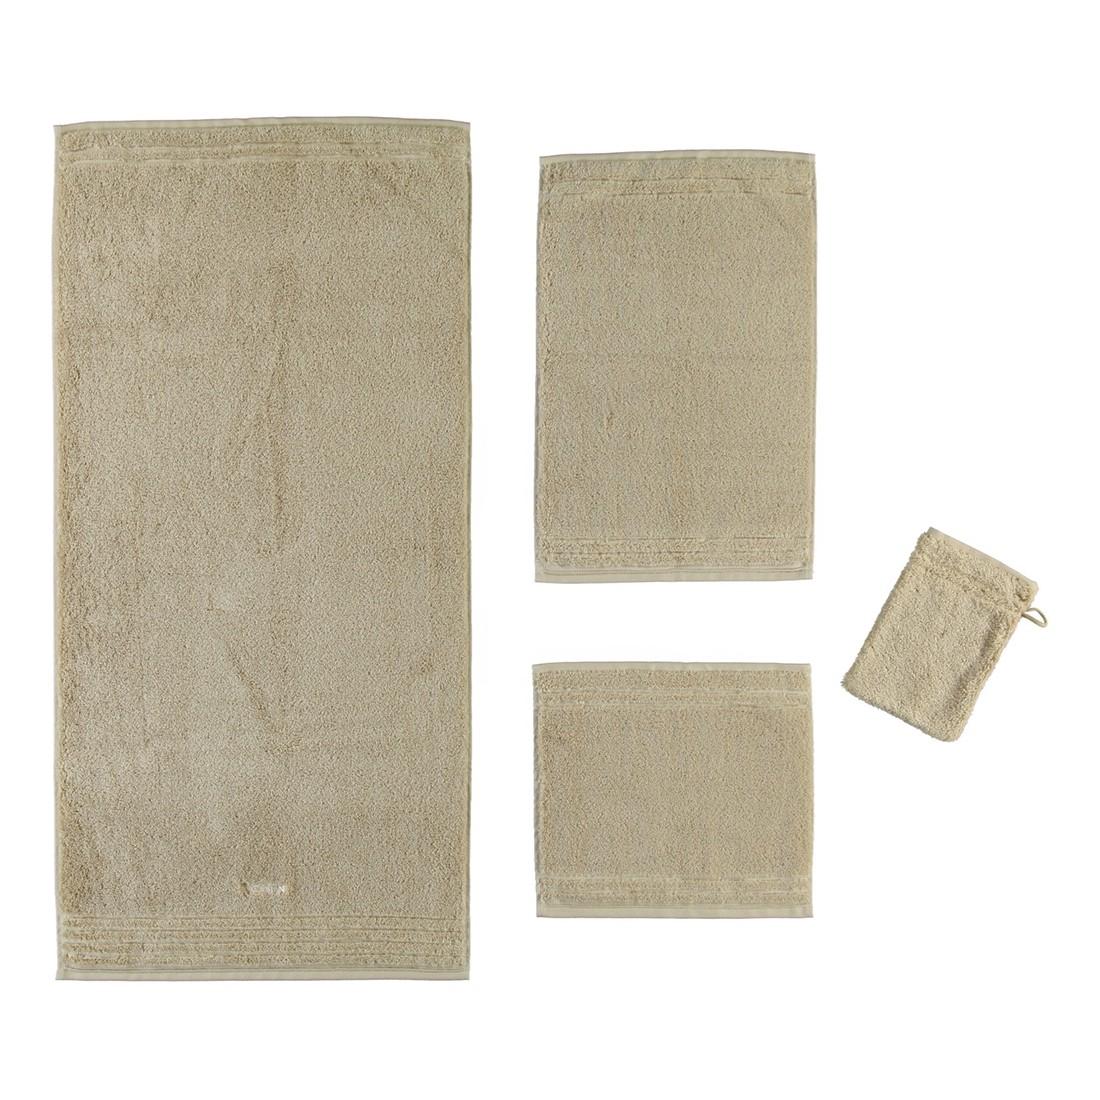 Handtuch Vienna Style Supersoft – 100% Baumwolle tibet – 610 – Seiflappen: 30 x 30 cm, Vossen günstig bestellen